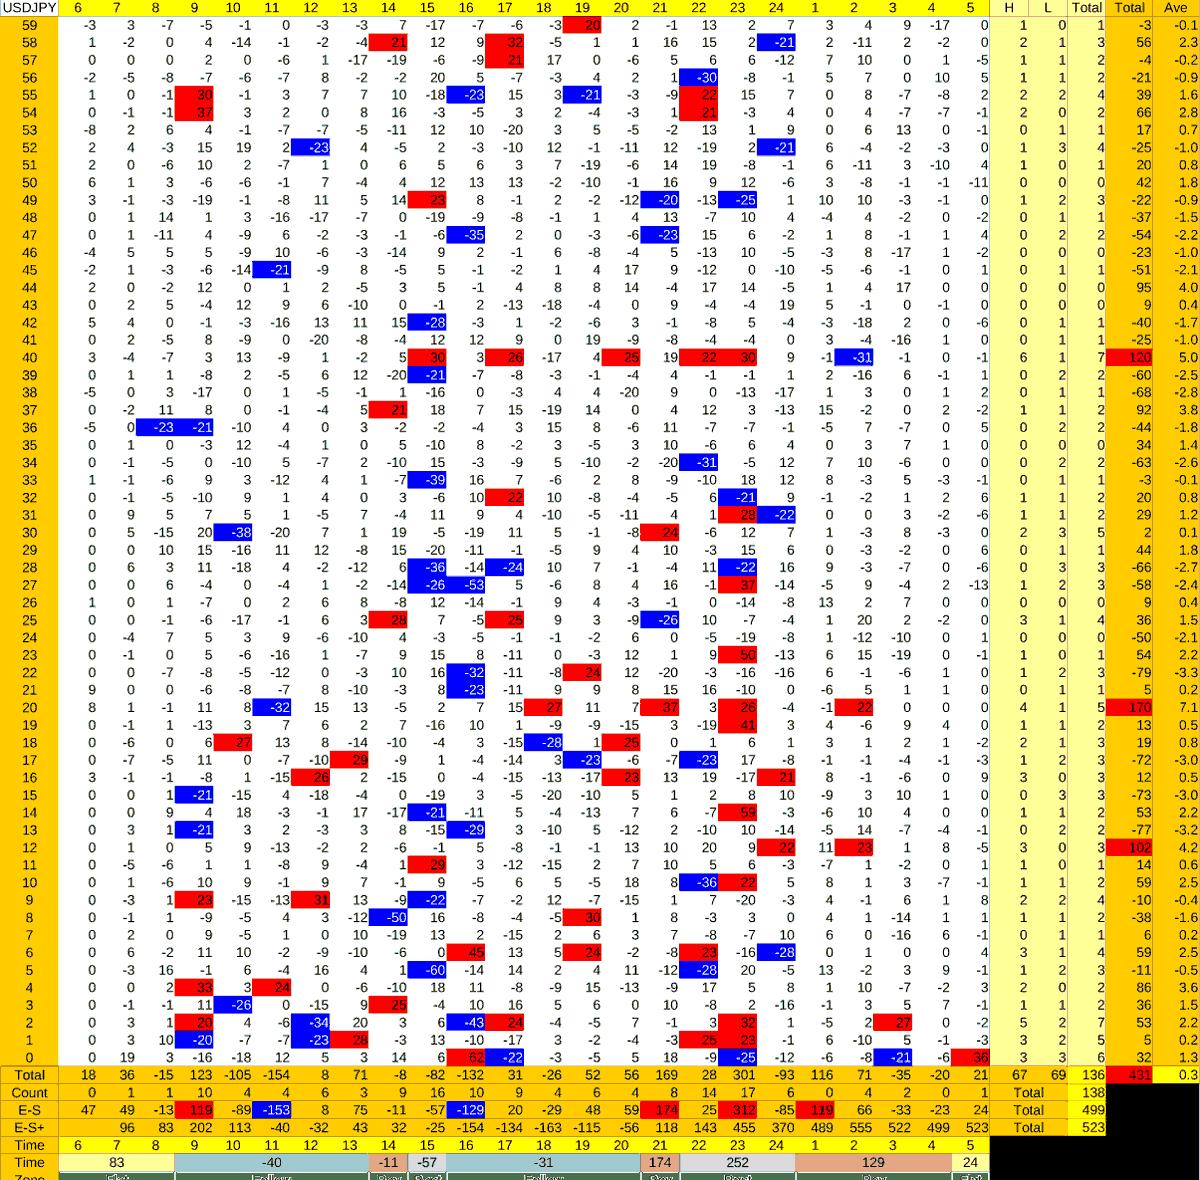 20210929_HS(1)USDJPY-min